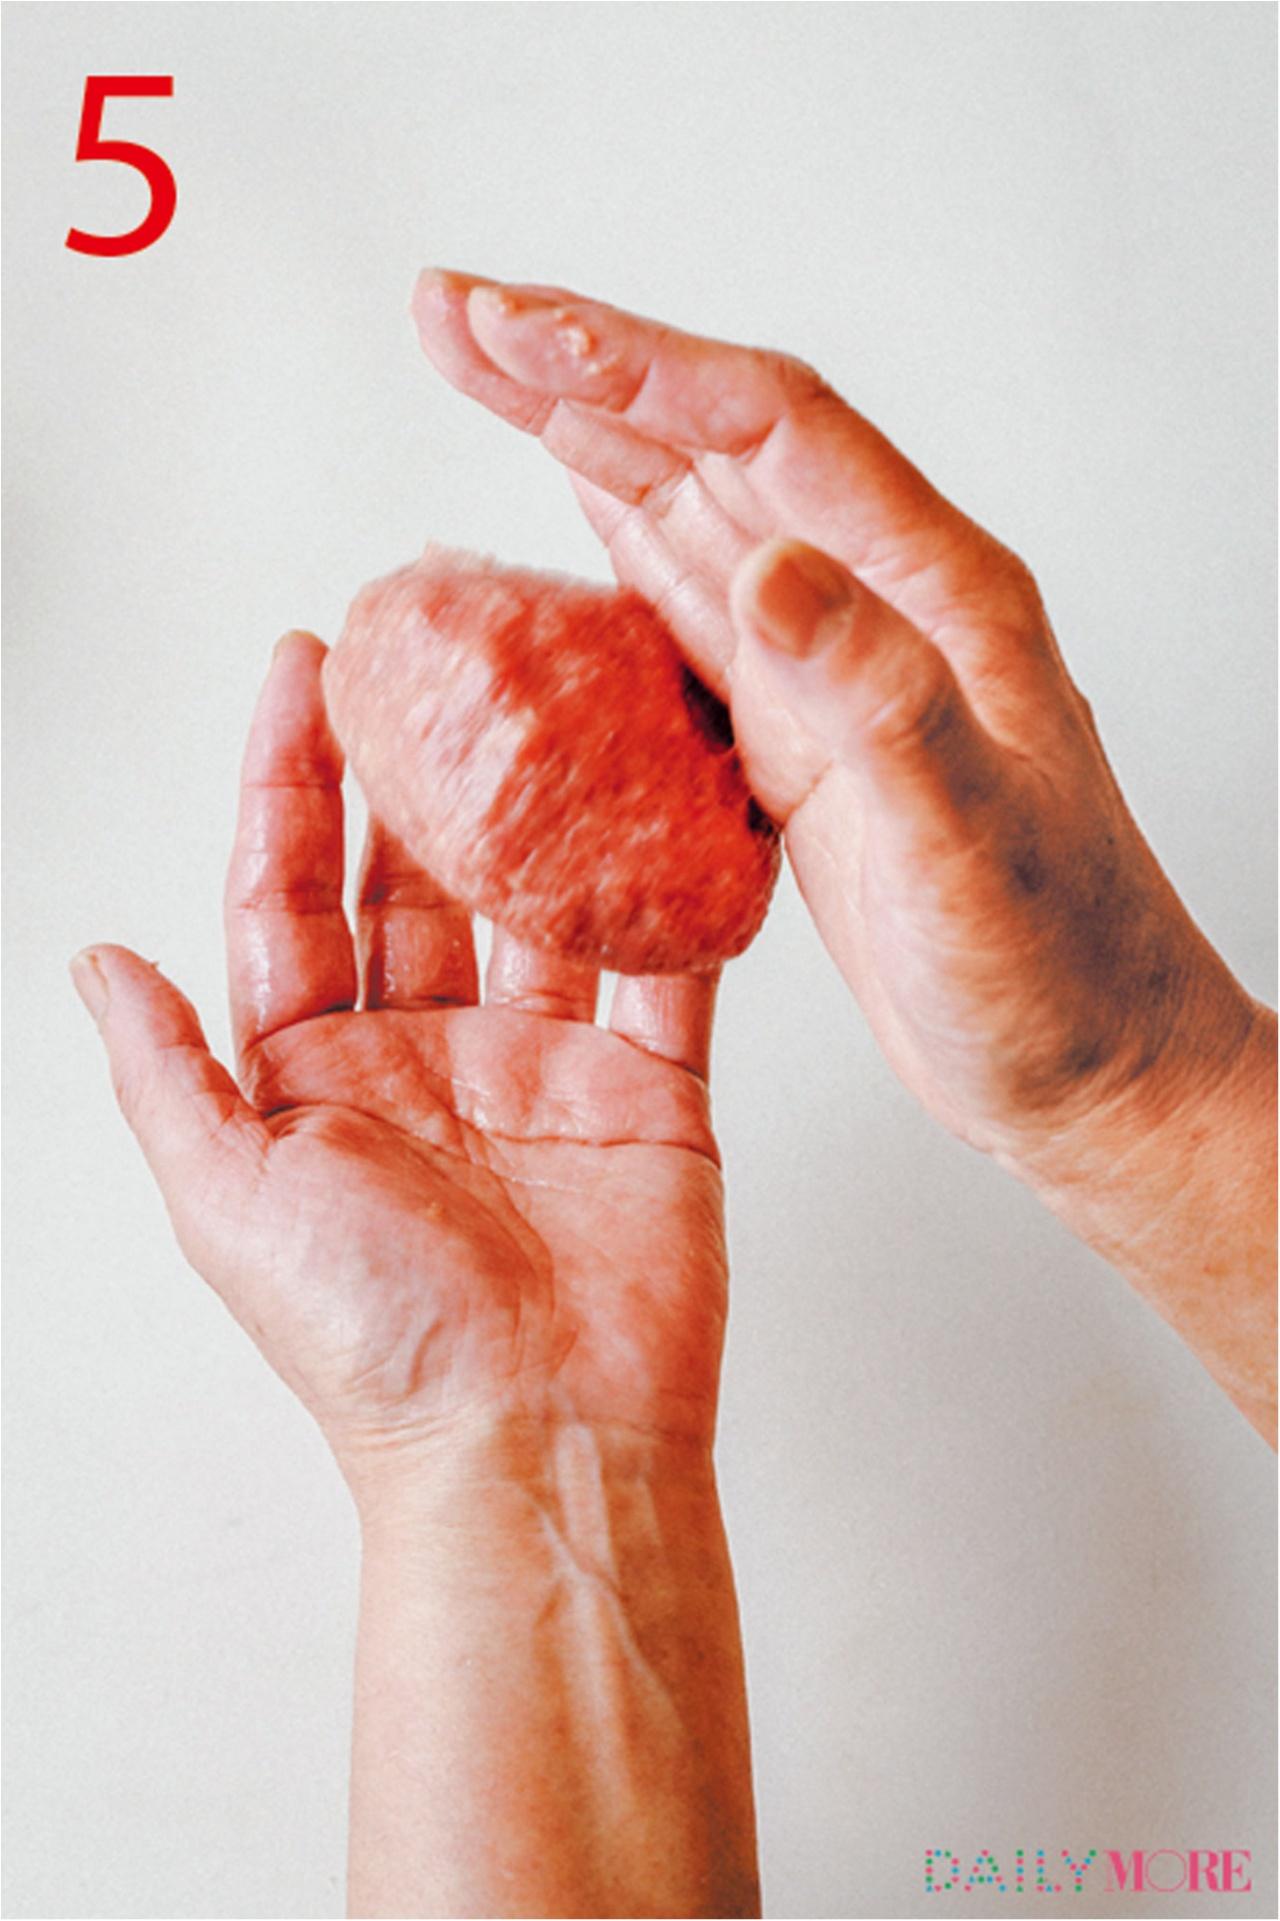 これぞ結婚できるハンバーグ!?  覚えておきたい『世界一おいしい♡ 基本のハンバーグ』レシピ_8